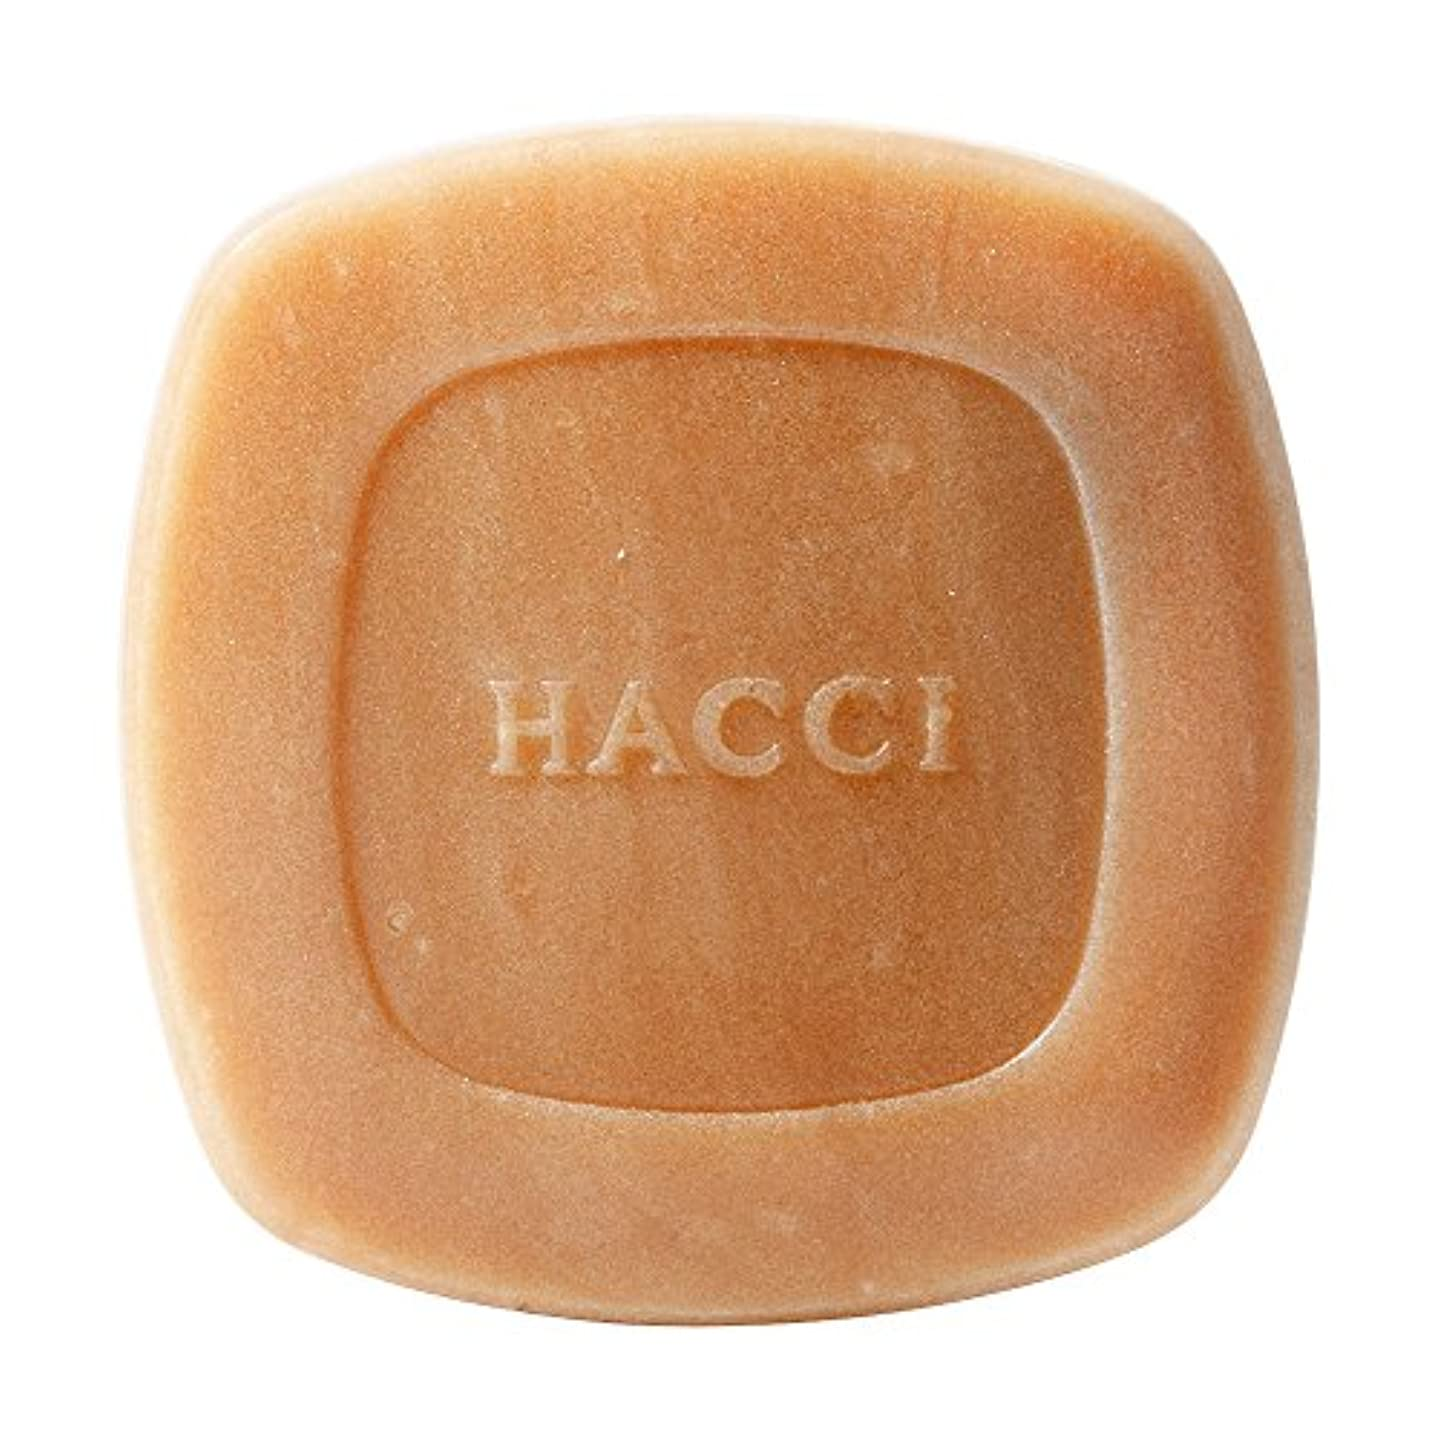 反逆ビルマ一般的にHACCI 1912(ハッチ1912) はちみつ洗顔石けん 80g